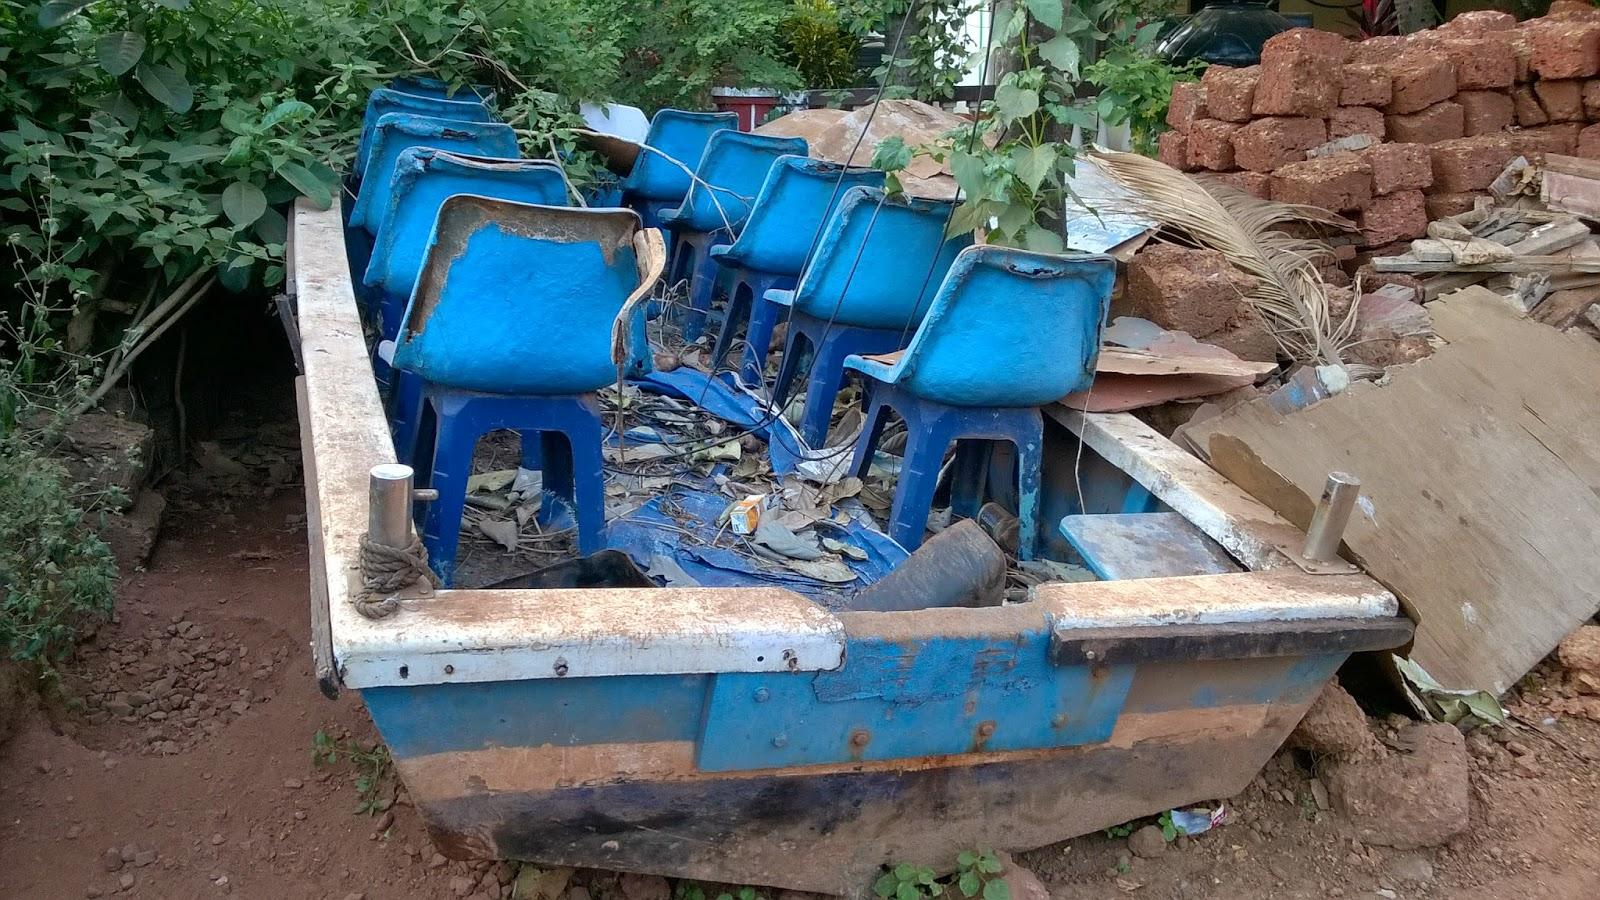 Abandoned, Boat